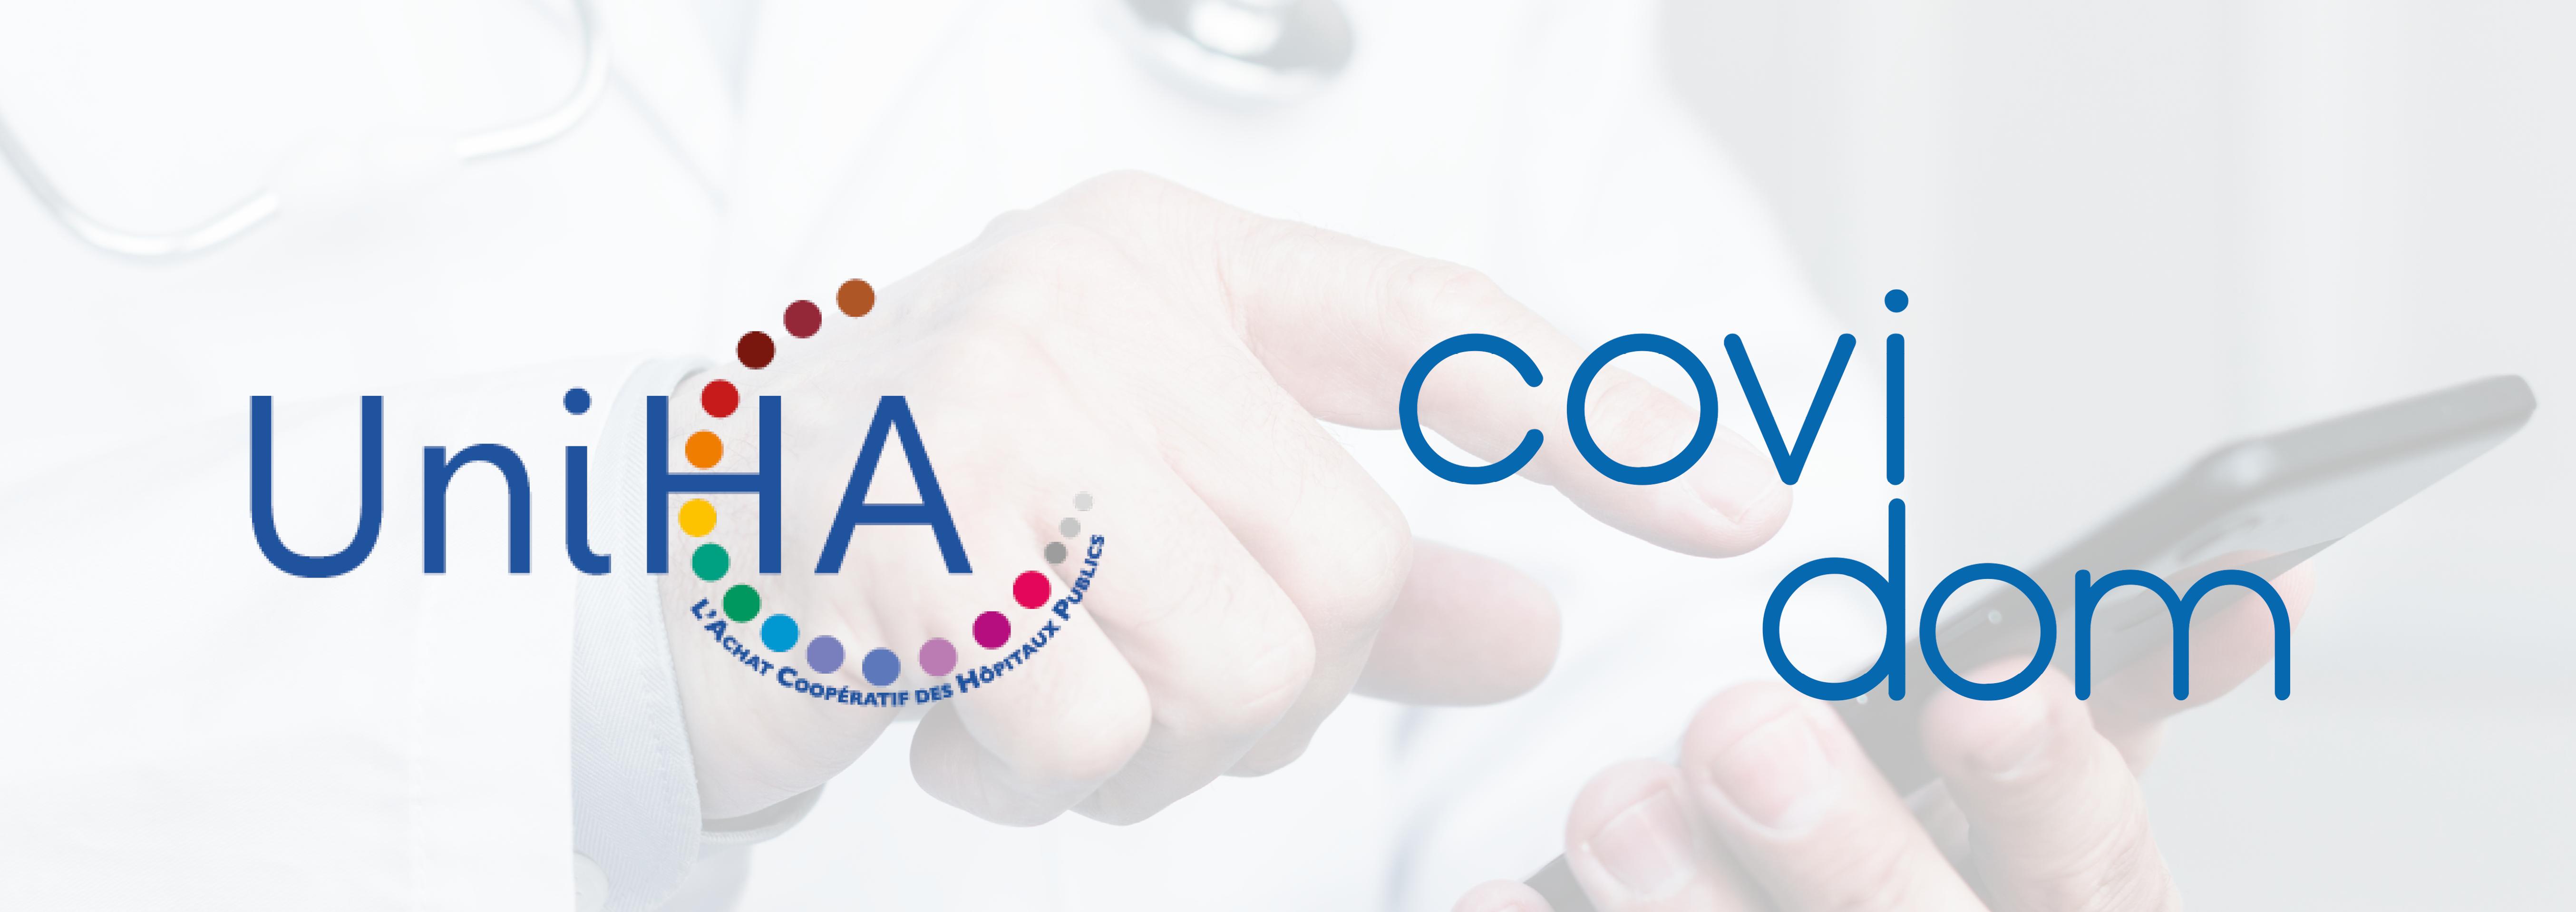 Covid-19 : le GCS UniHA se mobilise pour éviter la saturation de ses adhérents en référençant Covidom